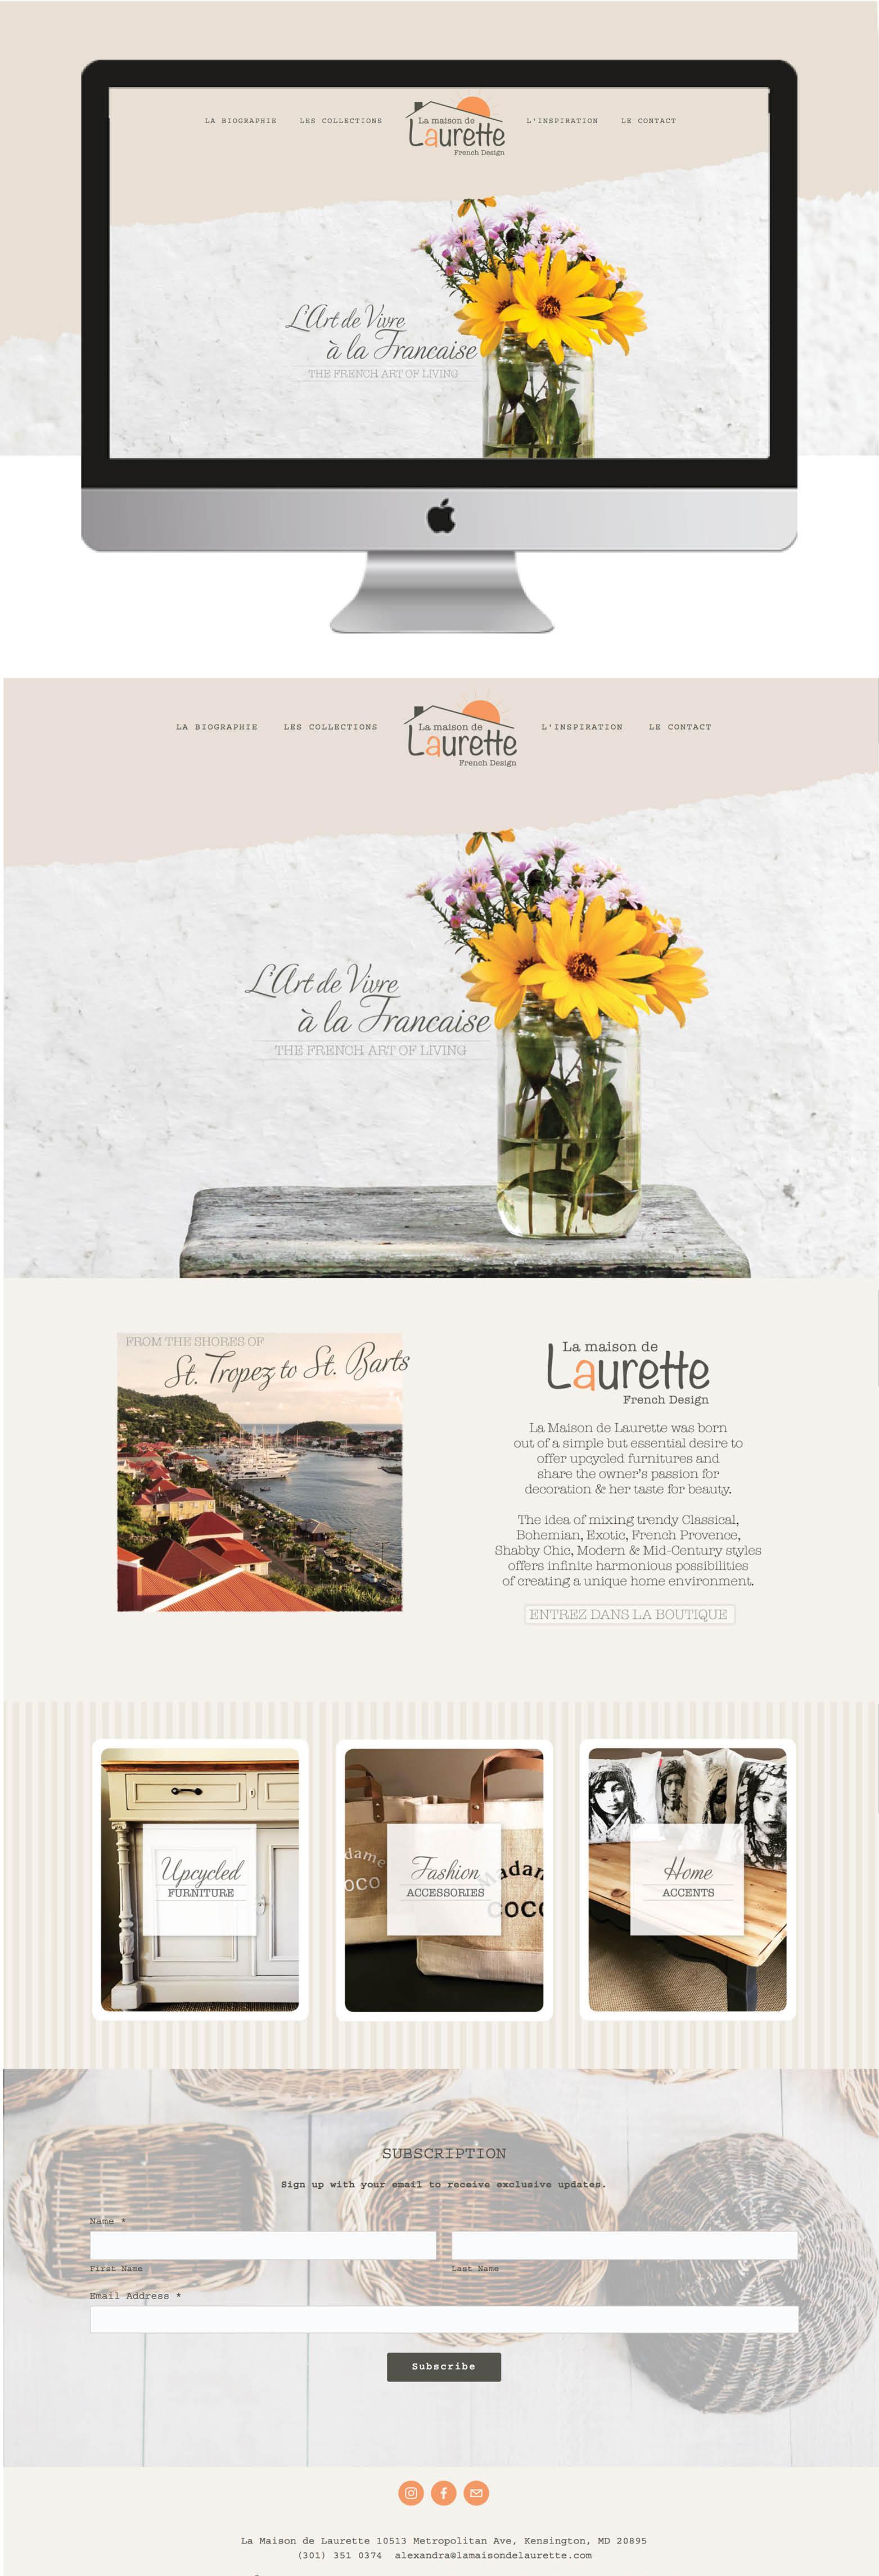 Home Decor and Boutique Squarespace Design for La Maison de Laurette by jgdigital.co